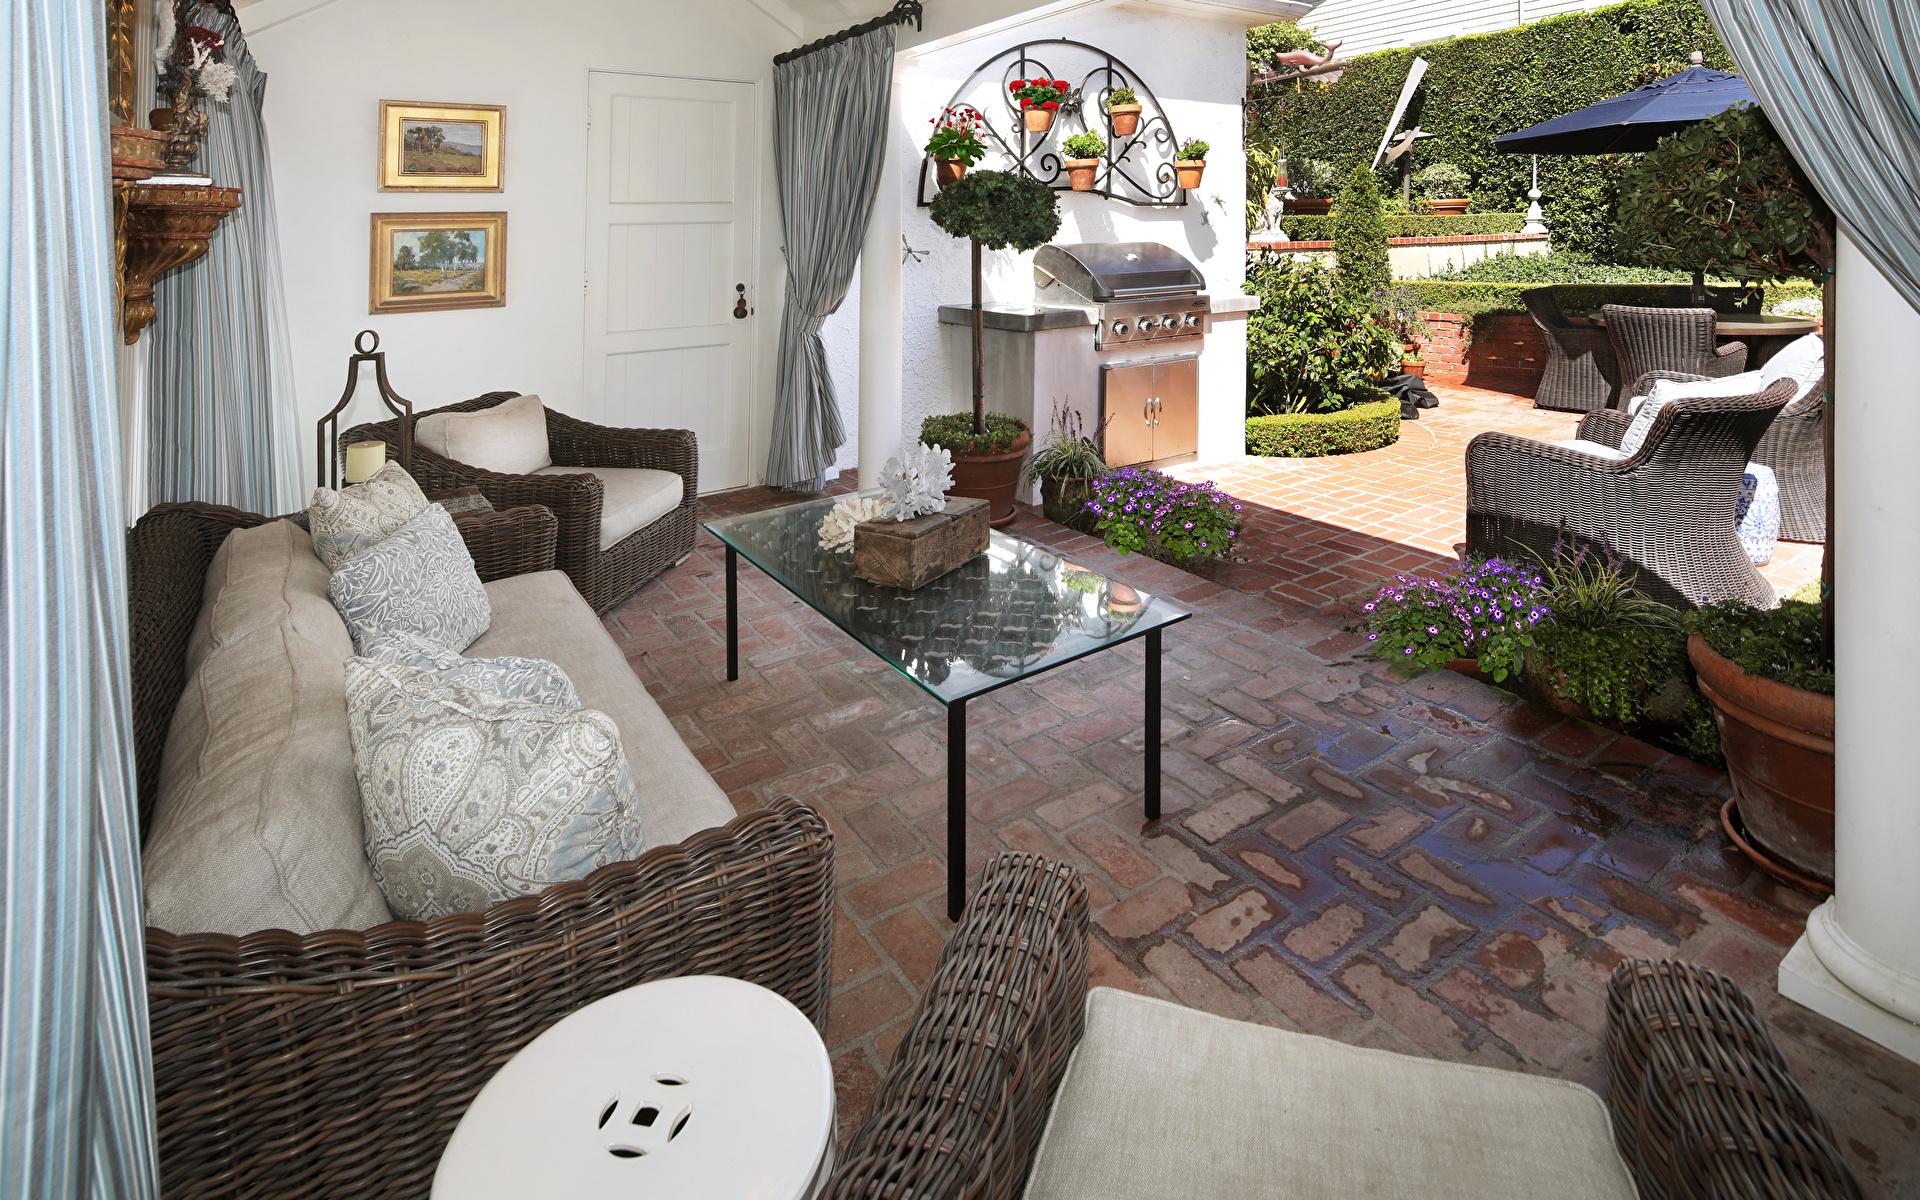 Картинка гостевая Интерьер диване Дизайн 1920x1200 Гостиная Диван дизайна